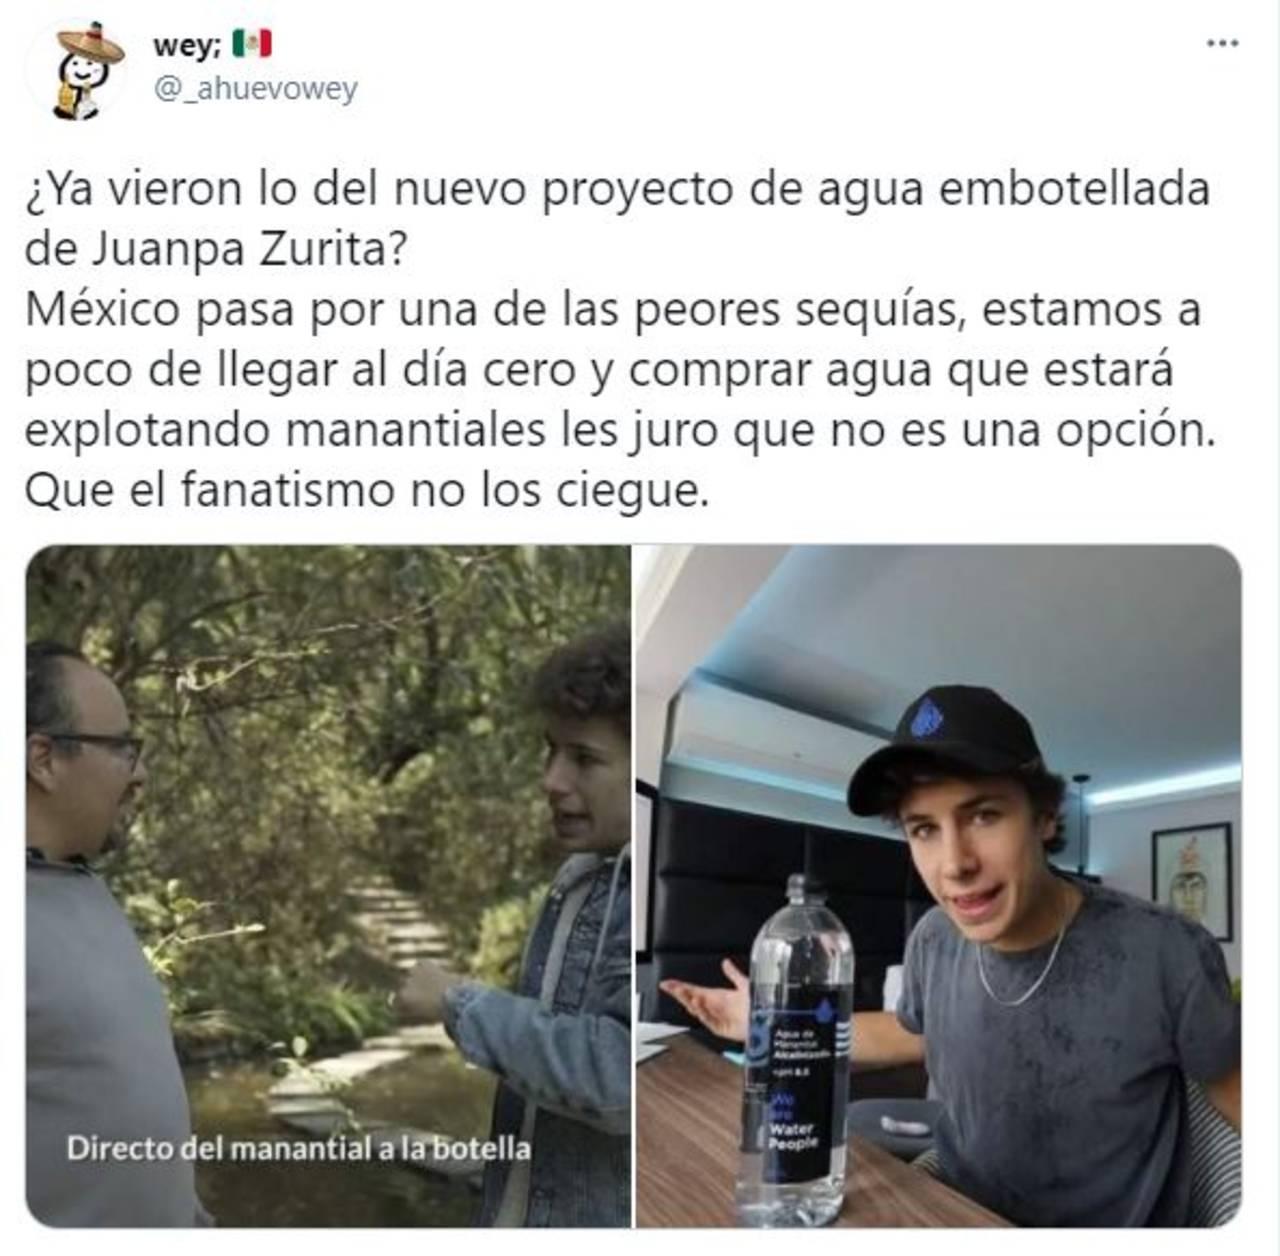 Juanpa Zurita agua embotellada agua